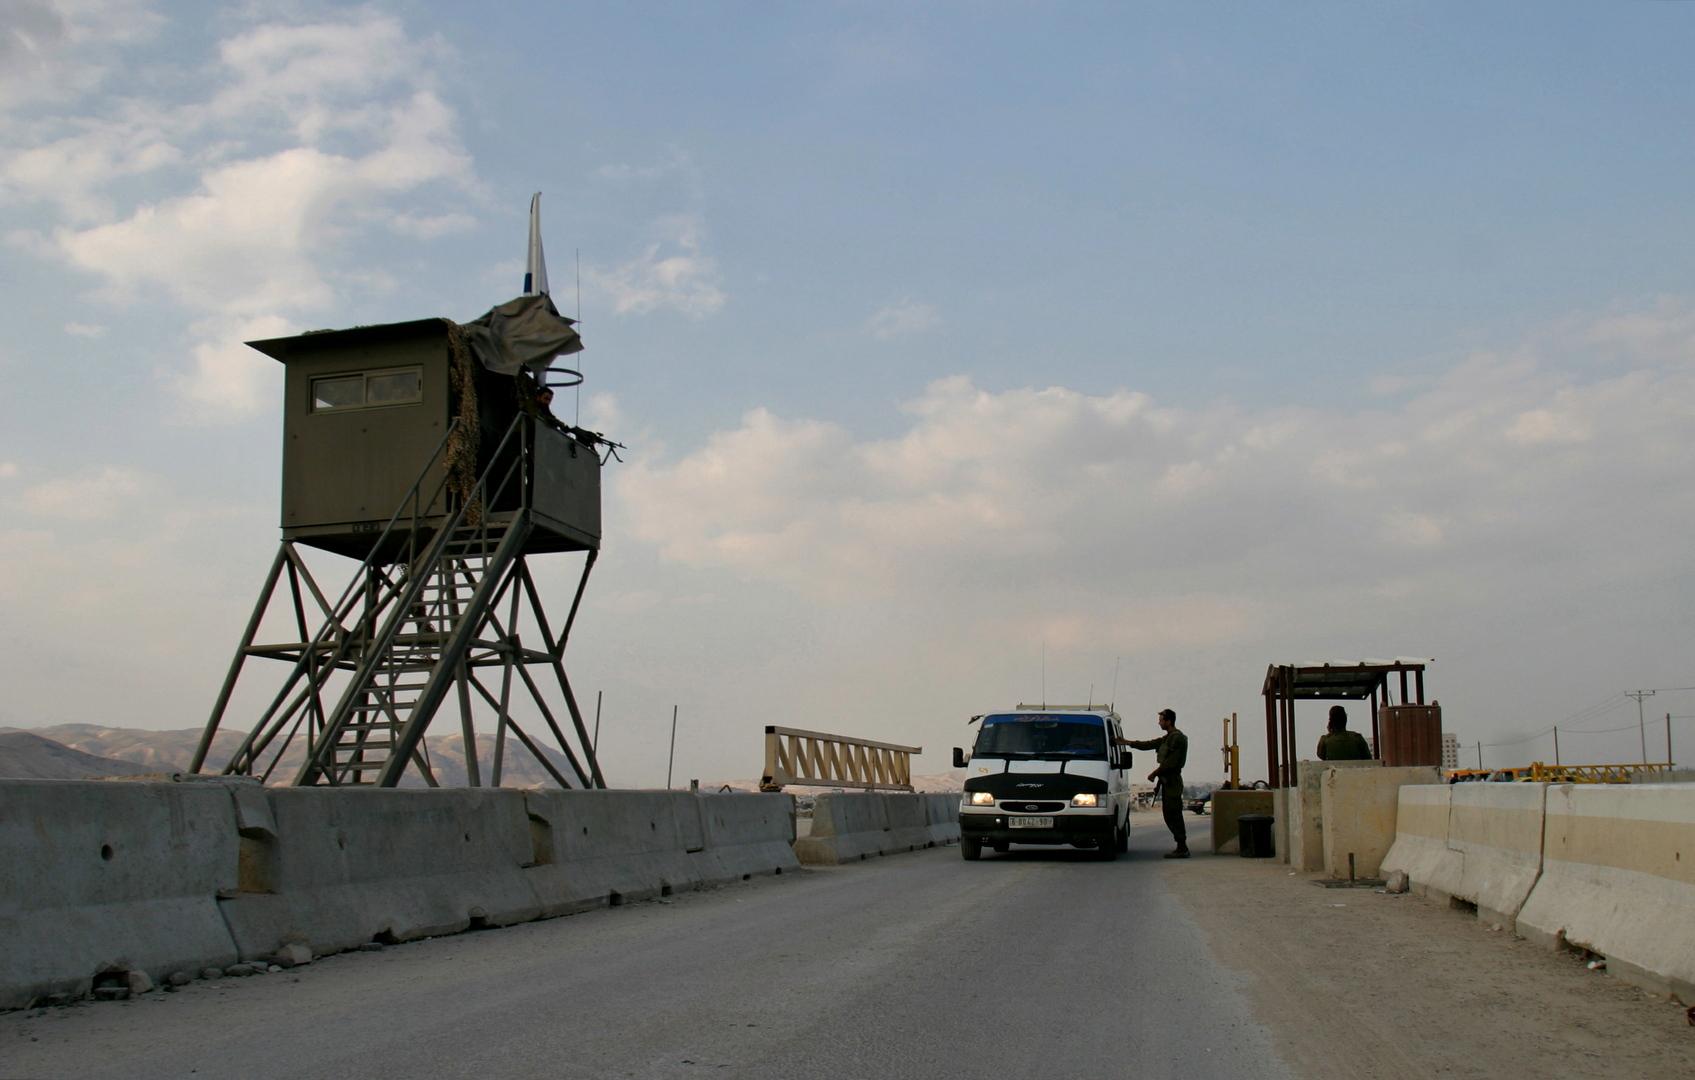 حاجز إسرائيلي في الضفة الغربية، صورة تعبيرية من الأرشيف